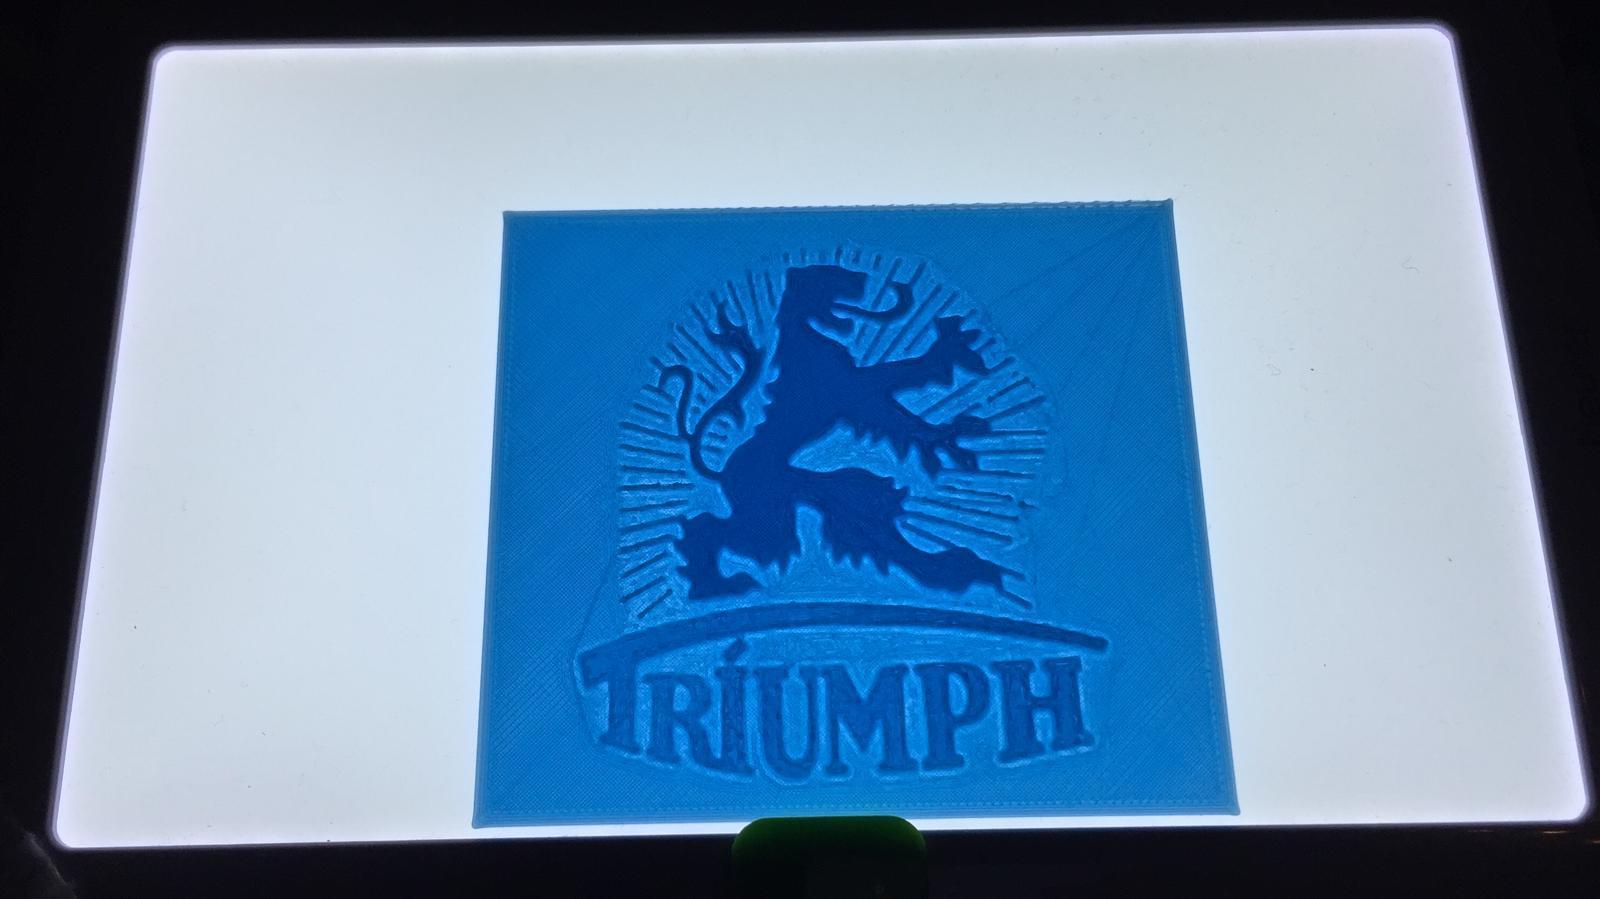 Triumph Logo Beleuchtet.jpg Télécharger fichier STL gratuit Triumph Werke Nürnberg Logo (Triomphe allemand) • Objet pour impression 3D, SCI